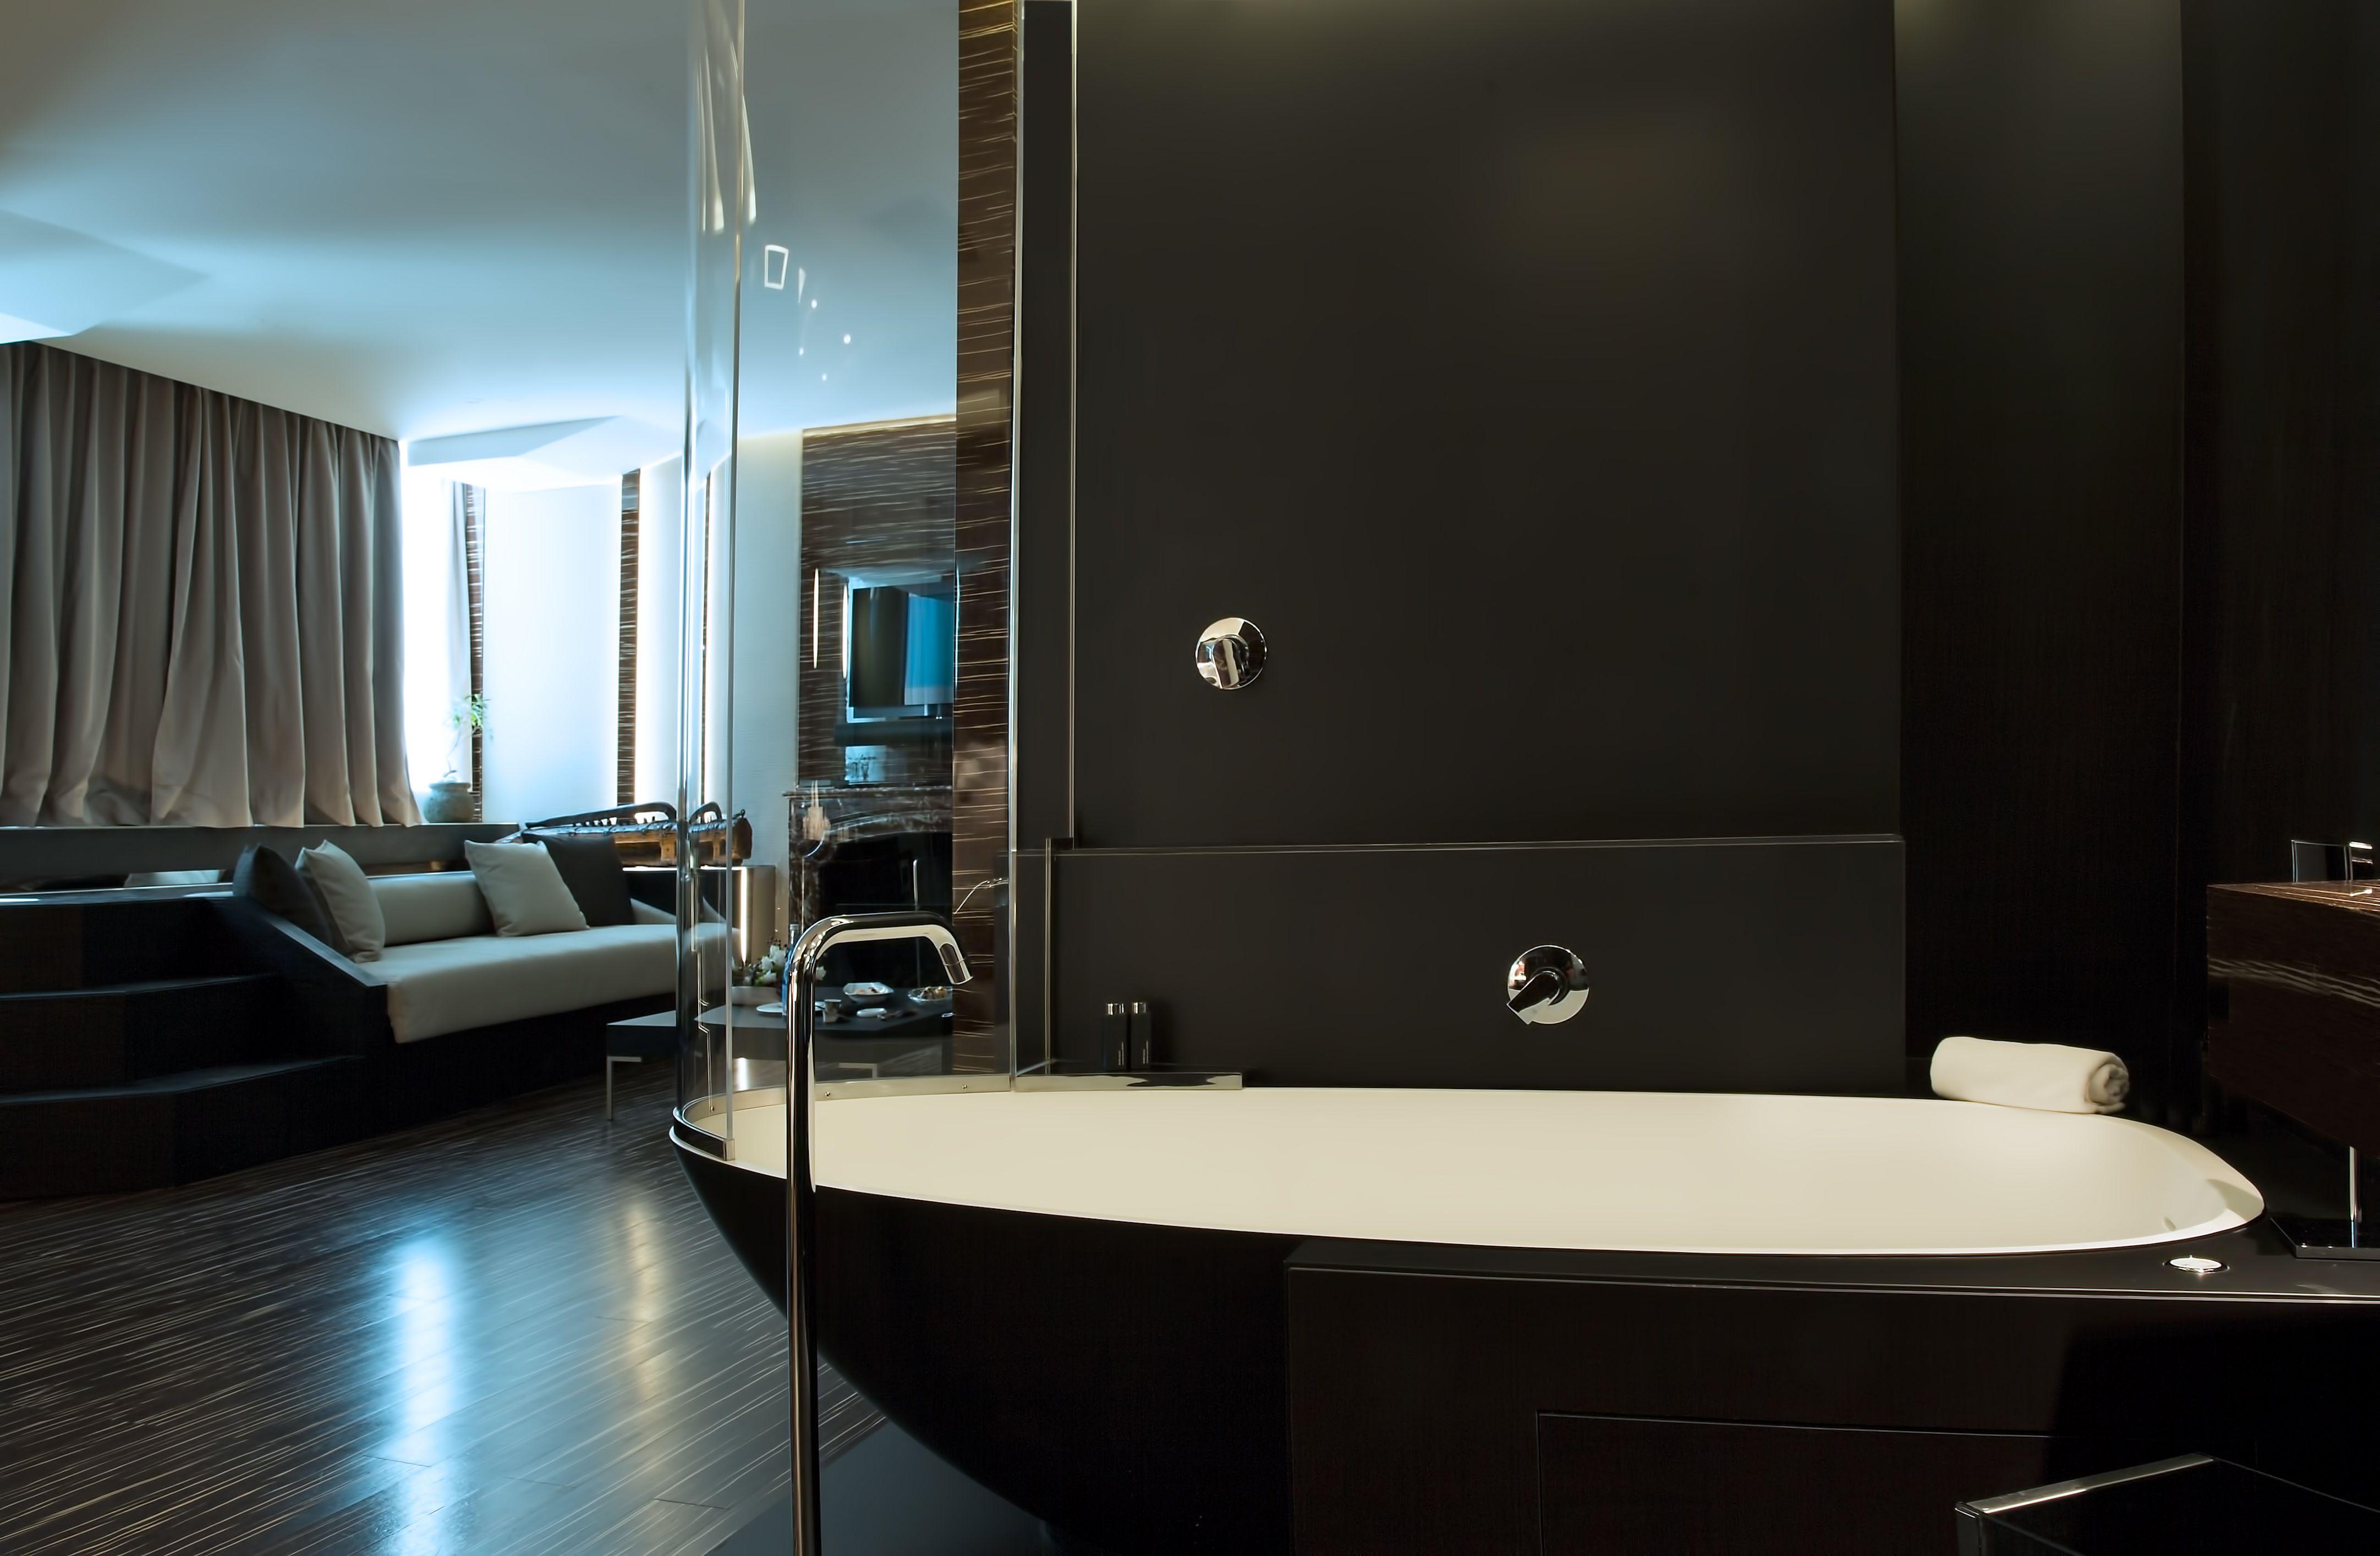 Garden Pool Suite Bathroom Opaque Black Granite Floor And Paneling Korakril Boma Whirlpool Bathtub And Sinks By Rex Two Bedroom Suites Luxury Rooms Suite